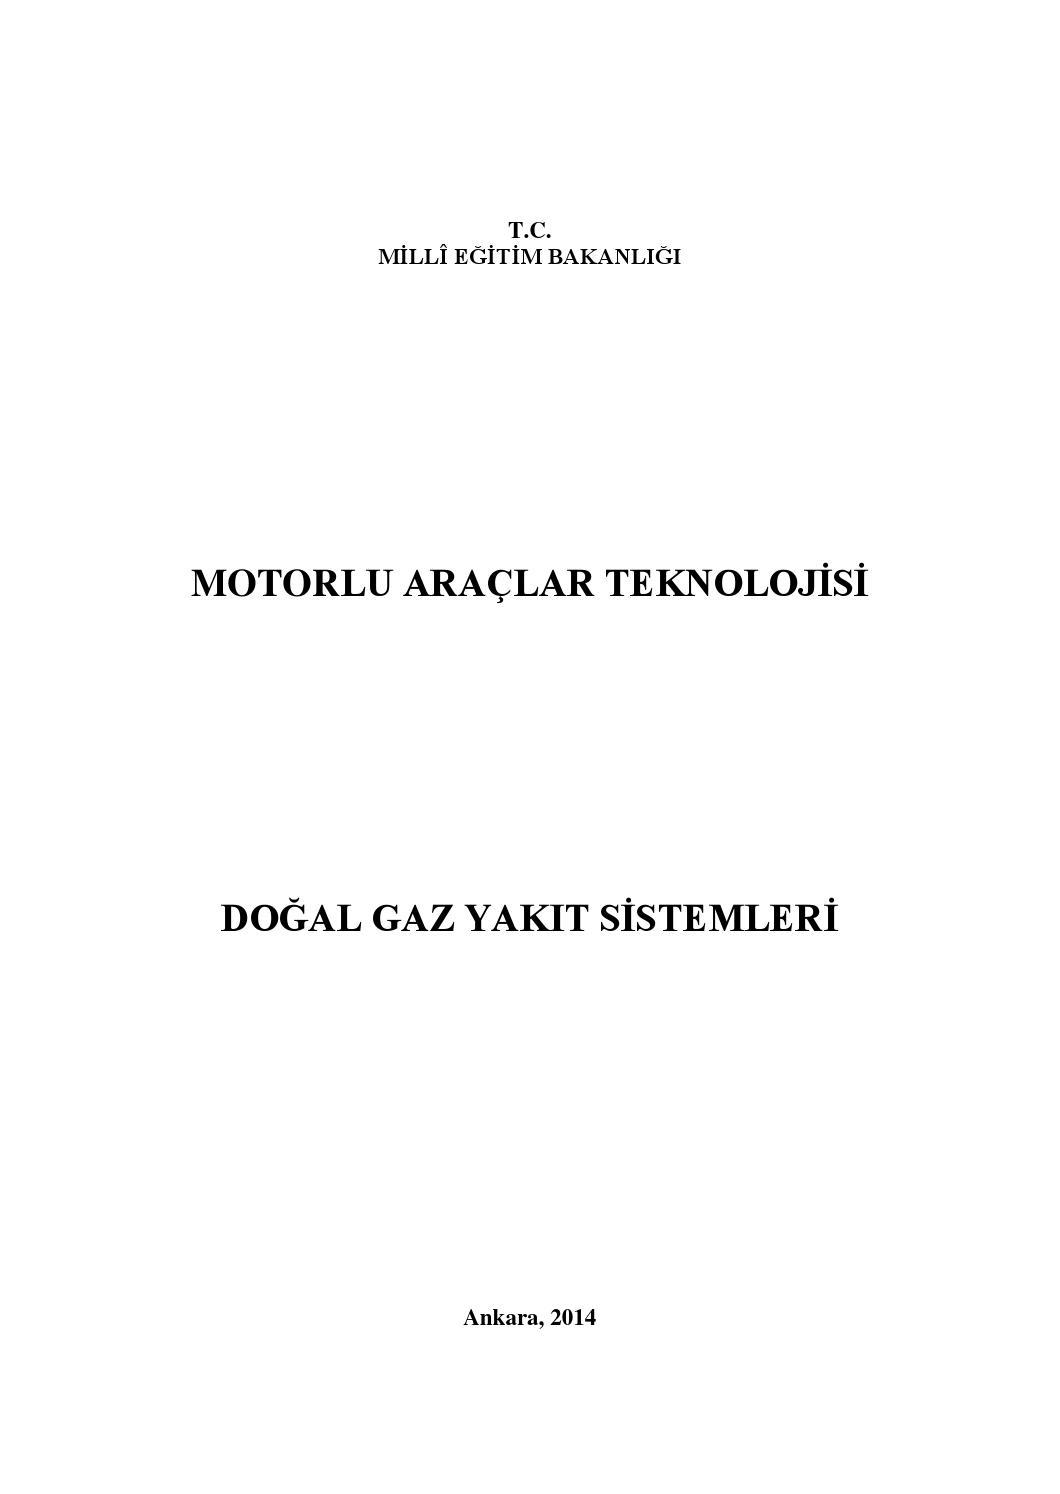 Doğal gazın özellikleri ve yoğunluğu